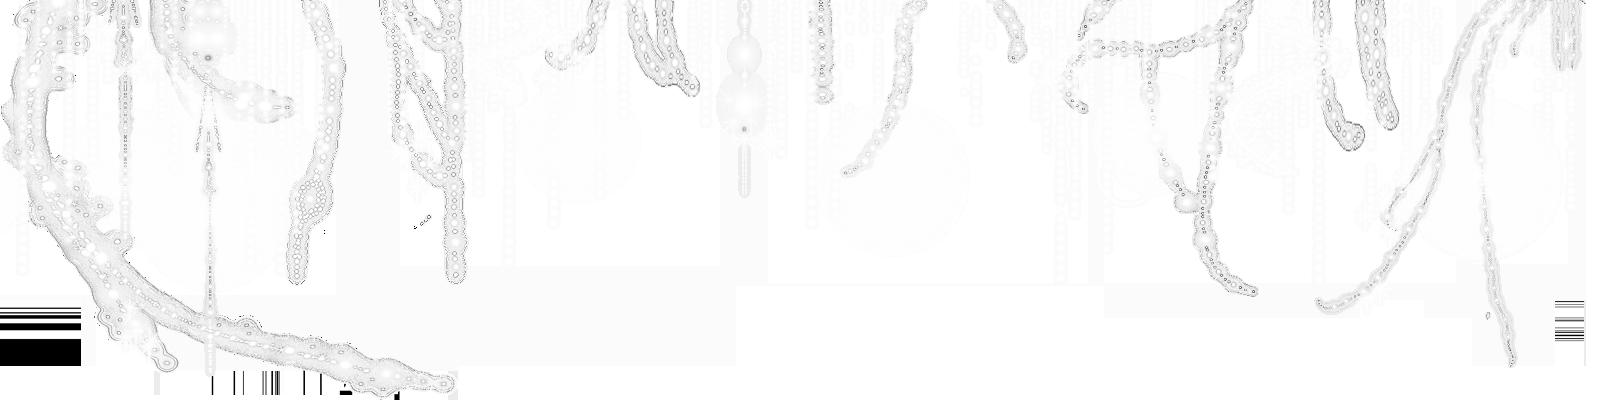 sticker_74764858_25